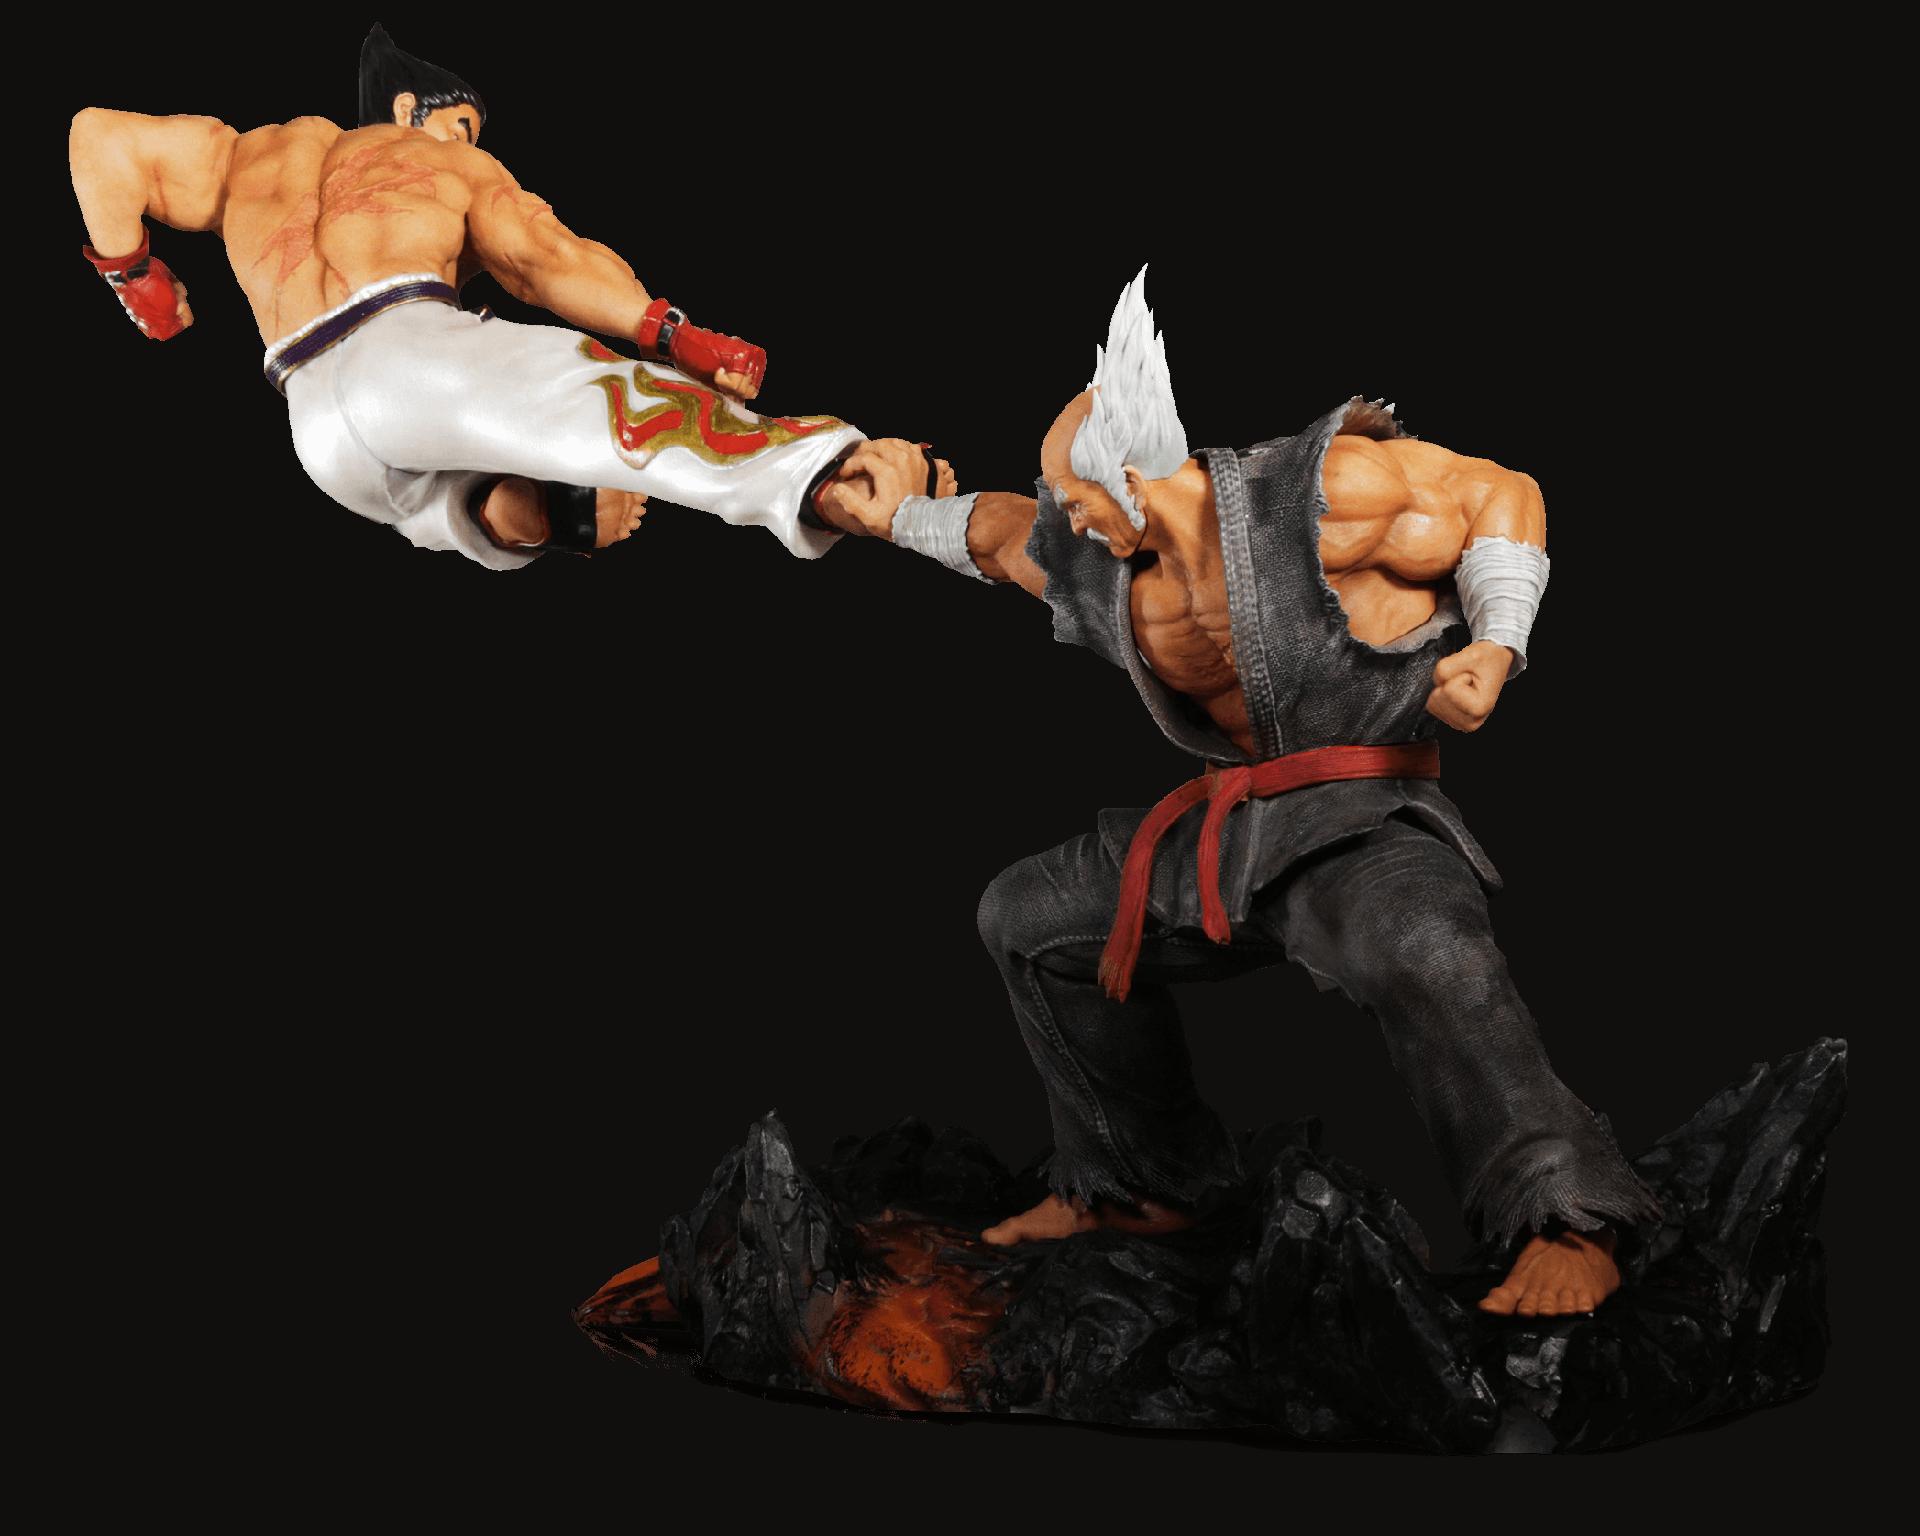 Tekken 7 Collector's Edition statue